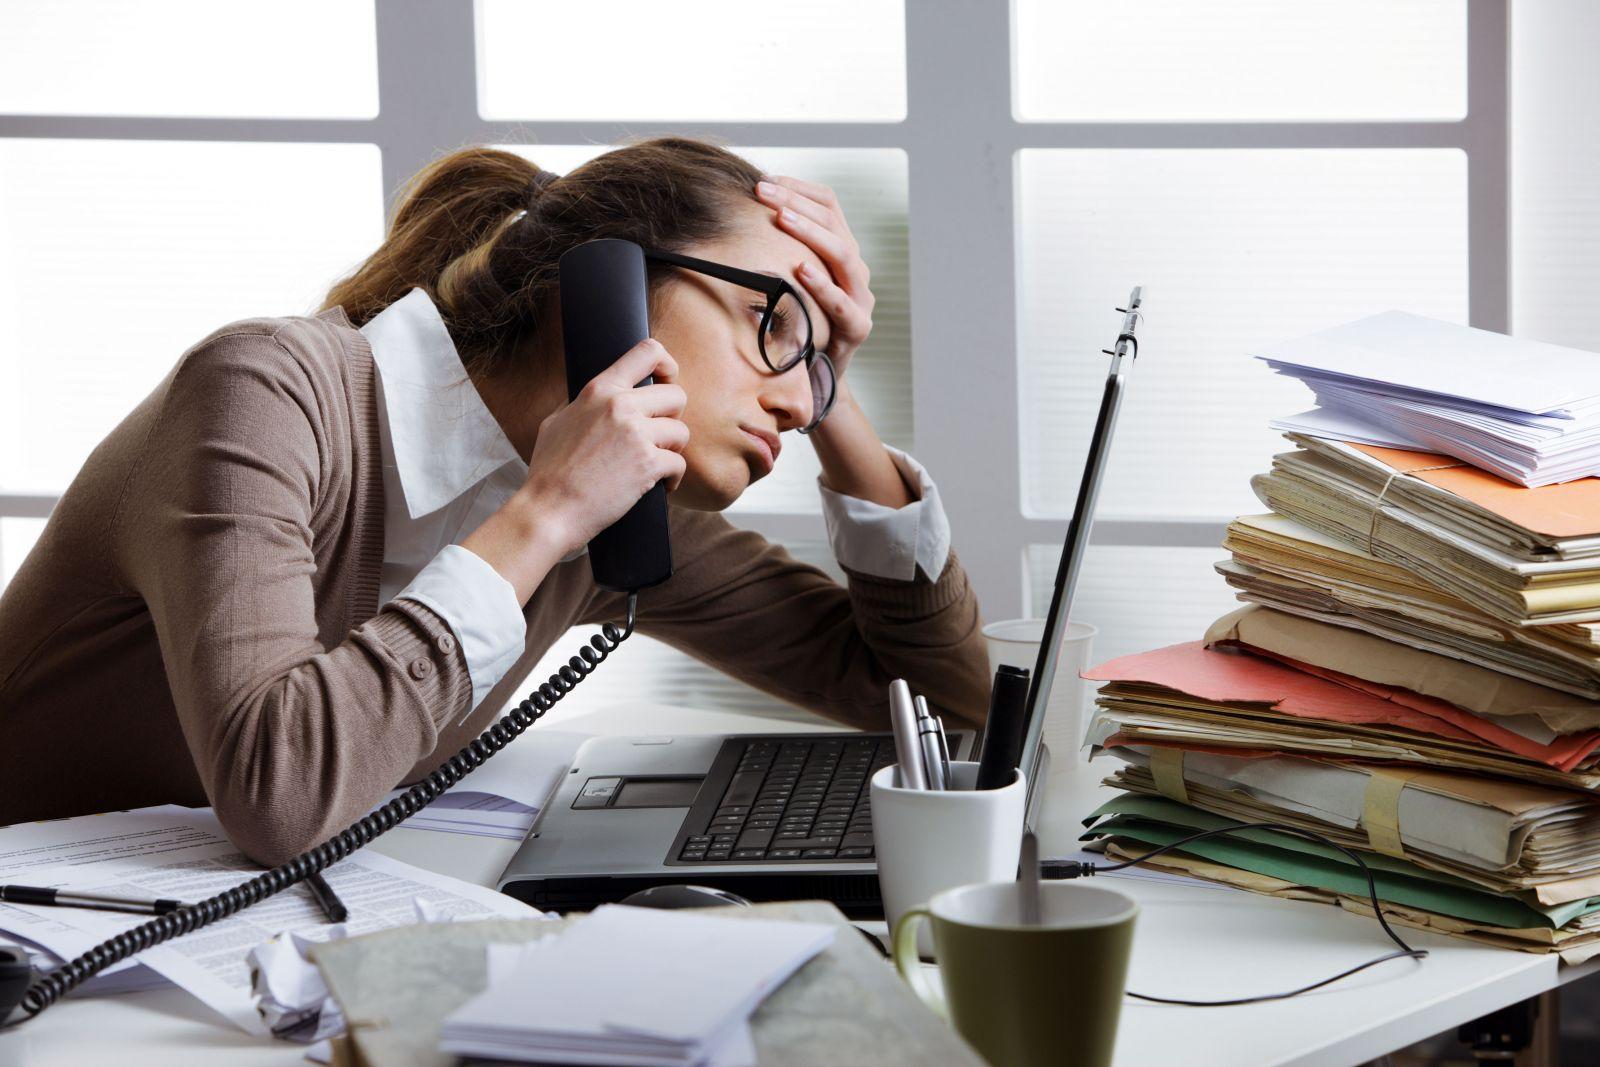 Căng thẳng - Nguyên nhân bệnh trĩ ít ngờ tới